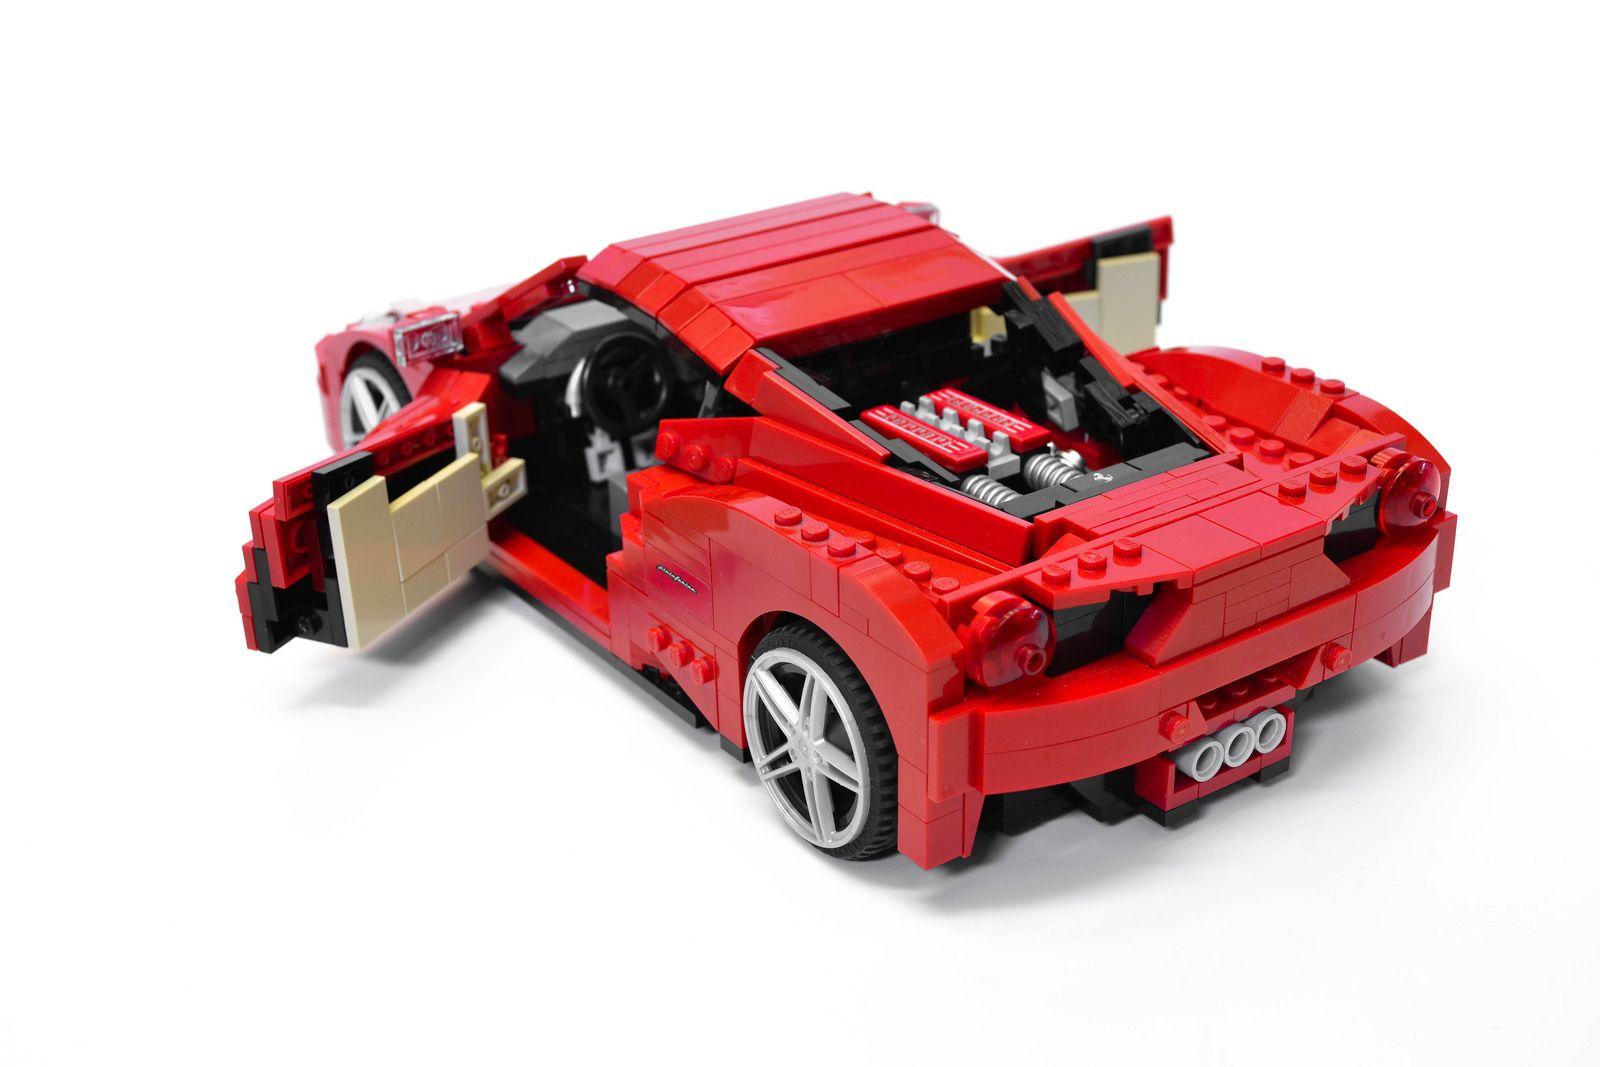 Ferrari 458 Italia (10) Ferrari 458, Best lego sets, Ferrari